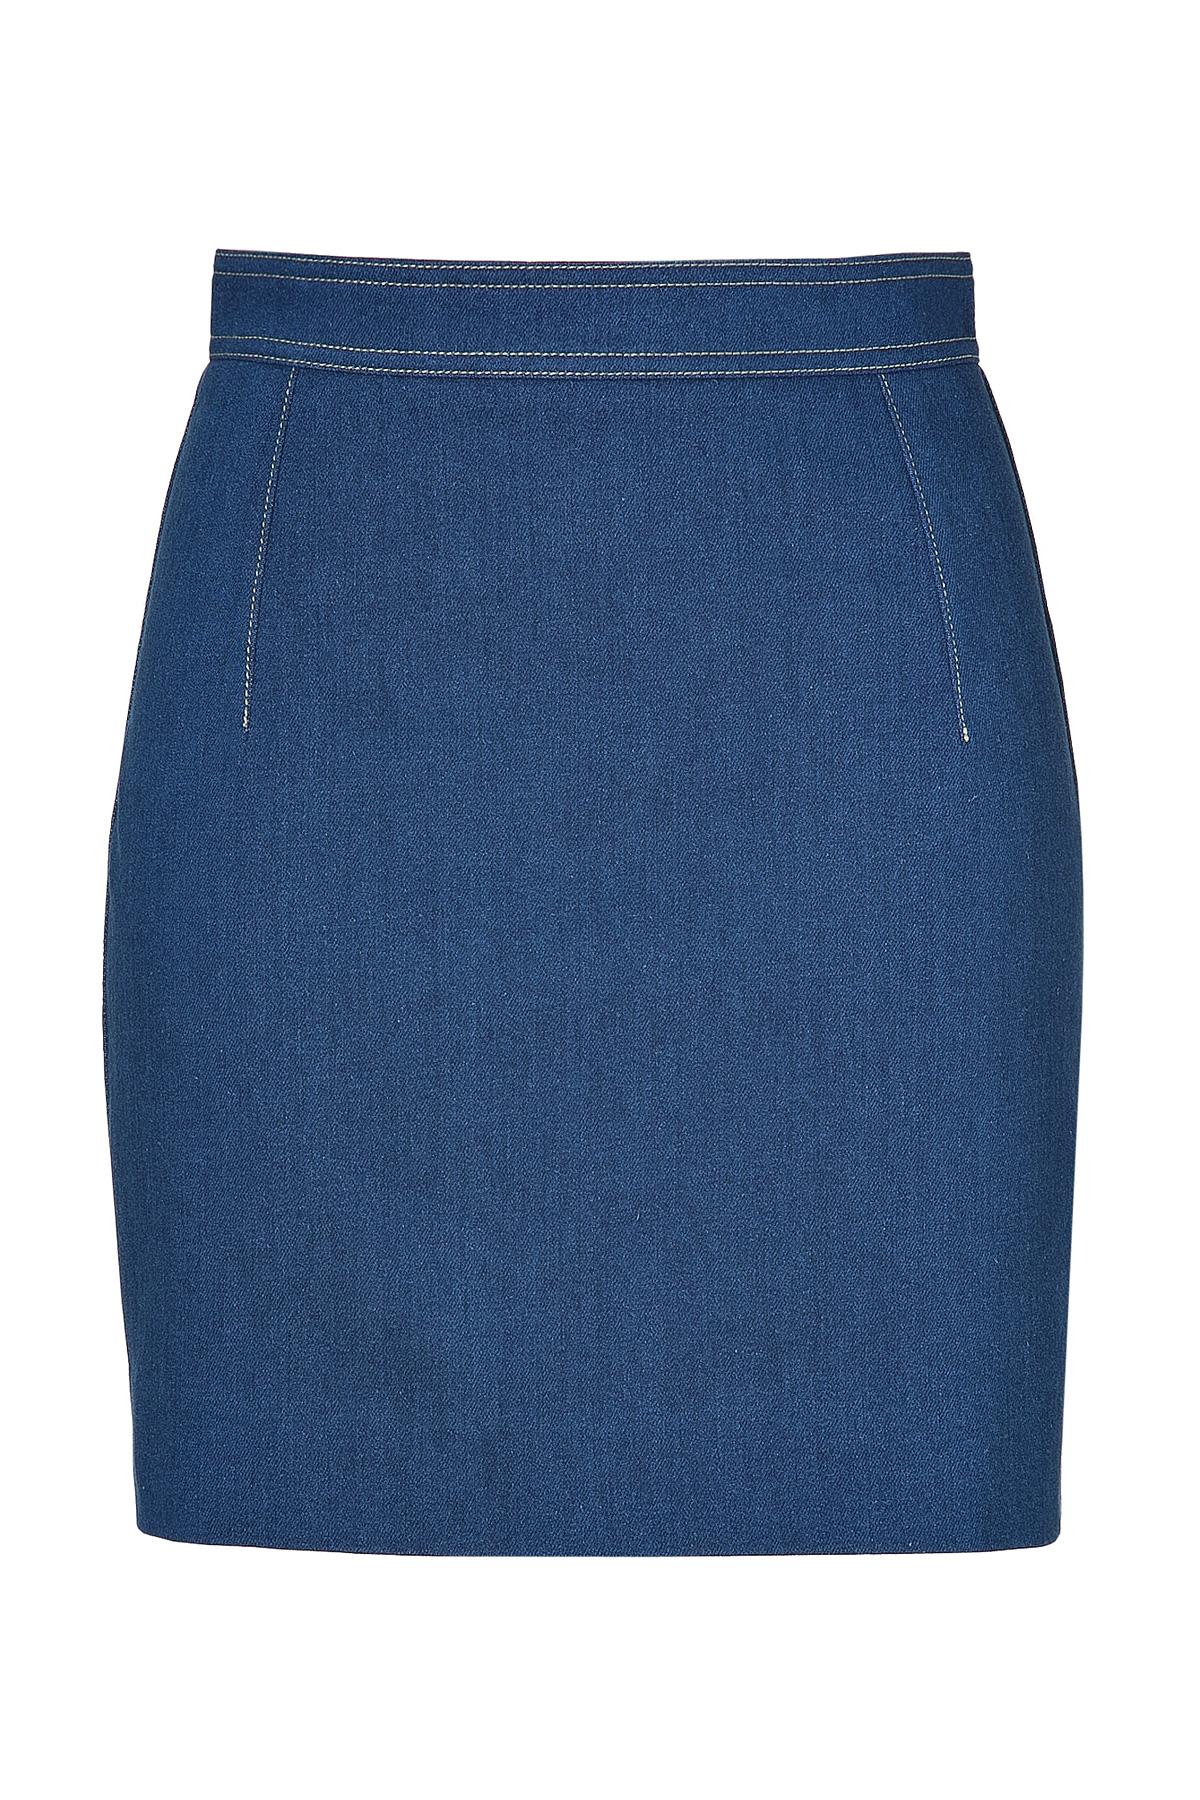 balmain blue denim skirt in blue lyst